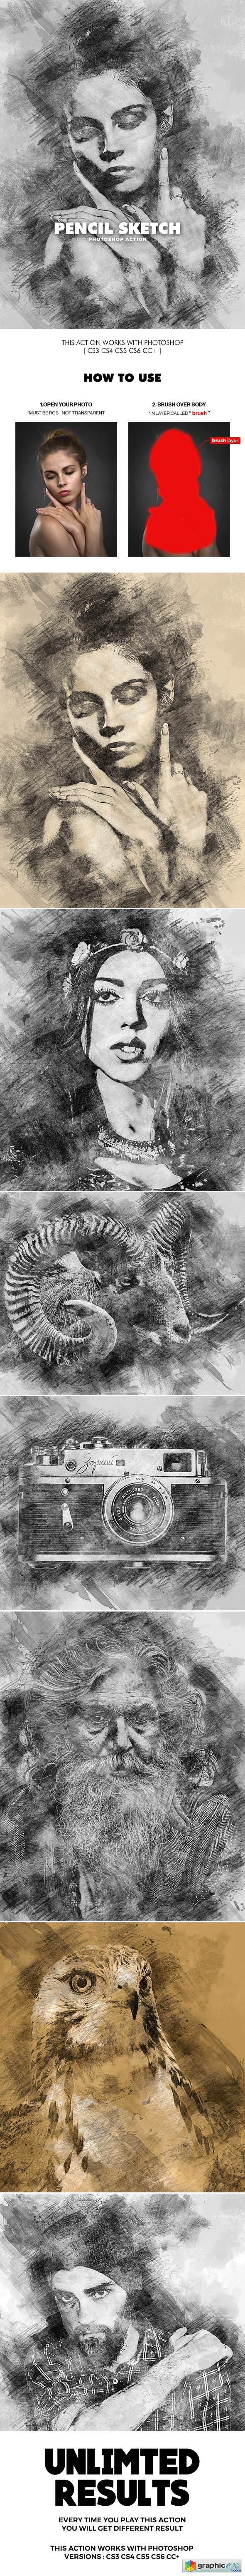 Pencil sketch photoshop action 21437308